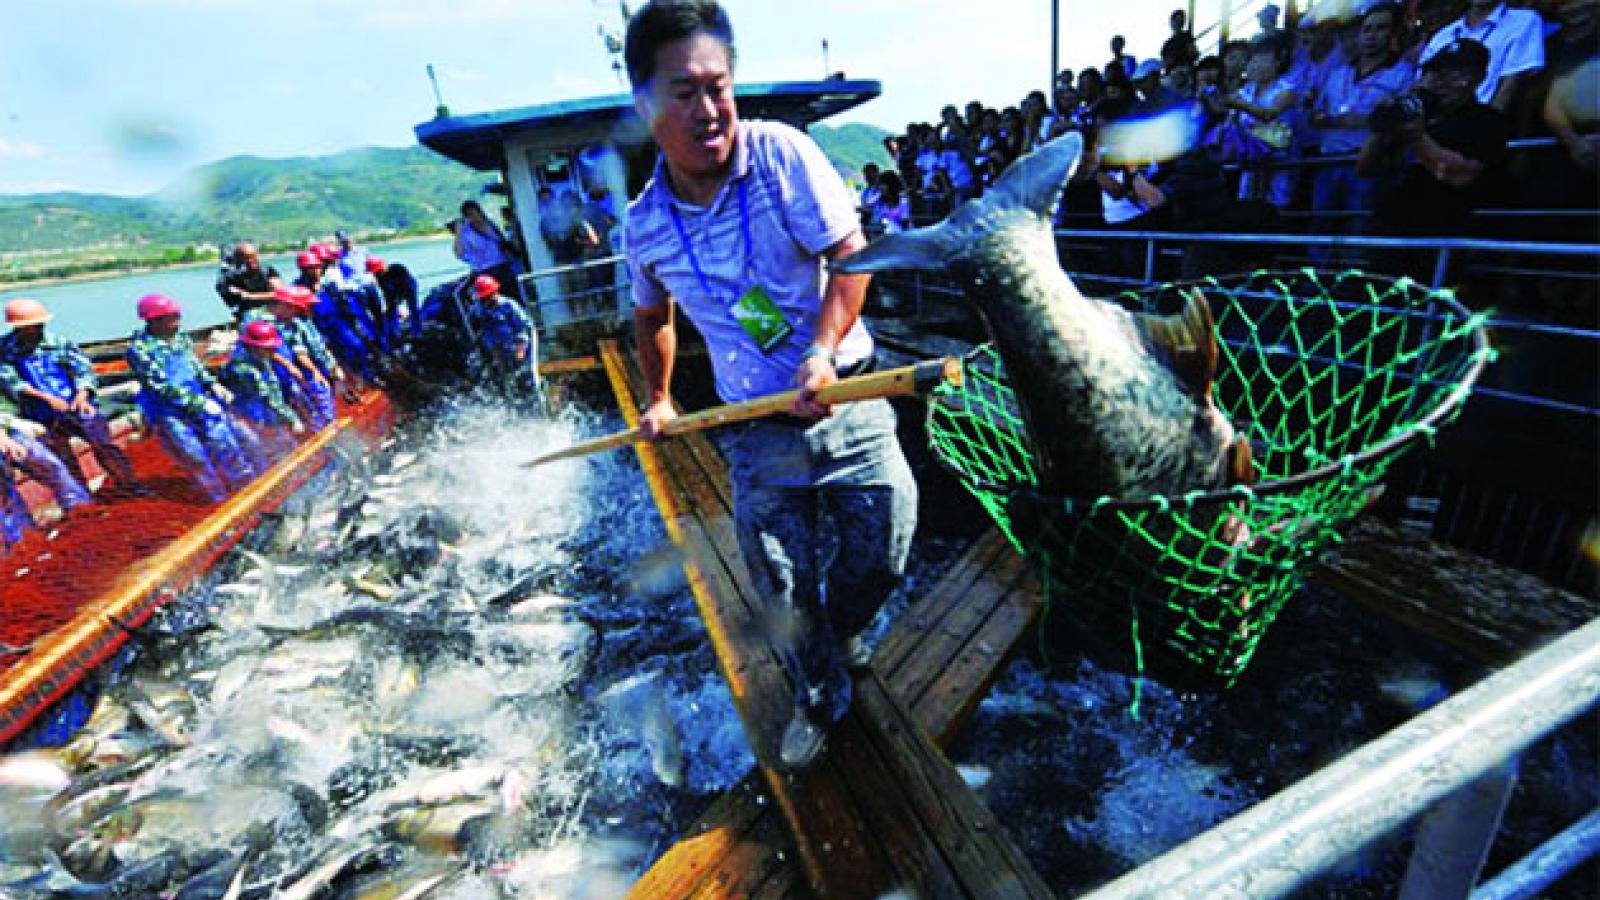 Trung Quốc đẩy mạnh phương pháp nuôi trồng thủy sản thân thiện môi trường